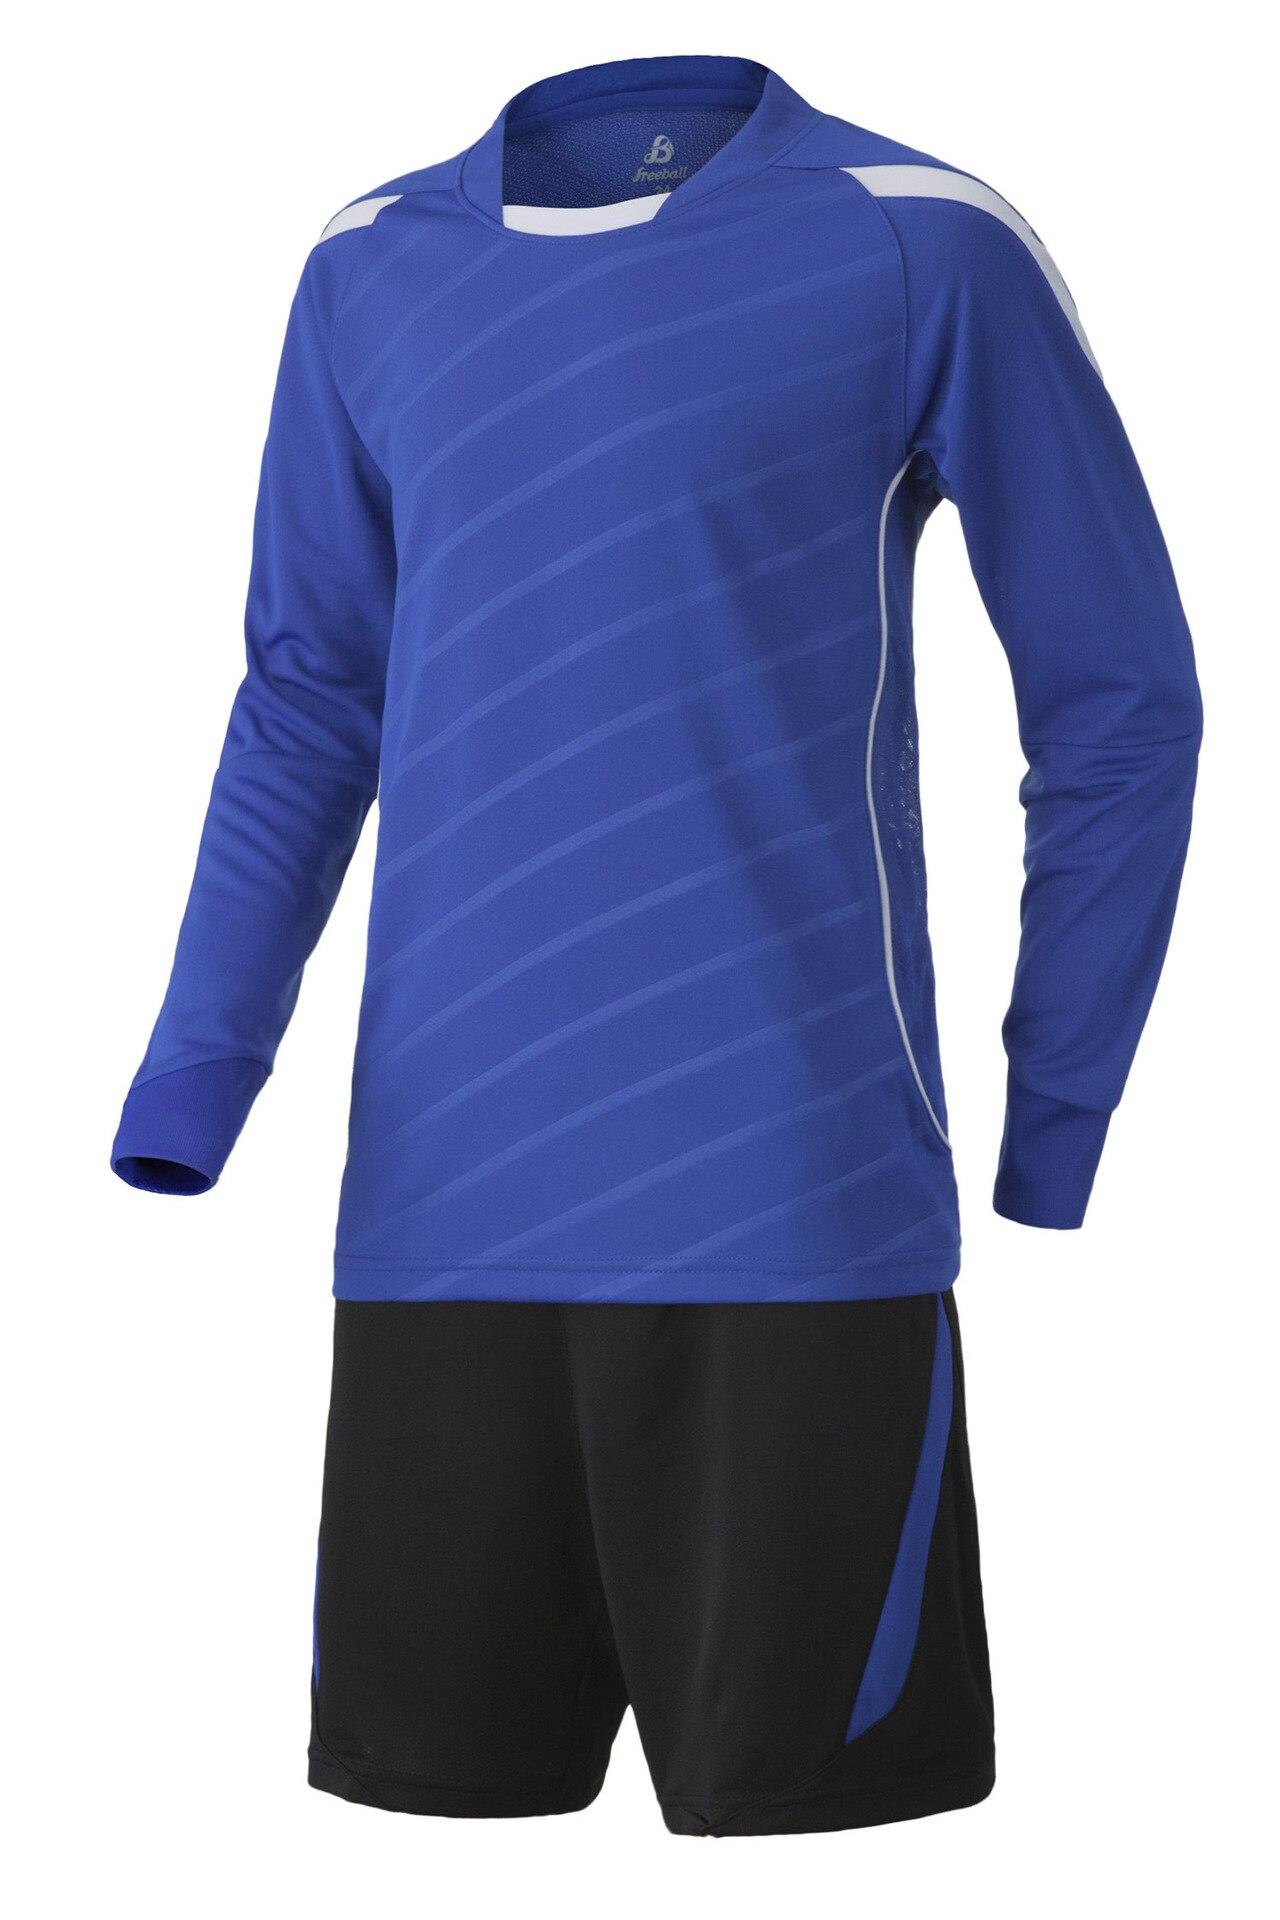 survetement football 2016 17 maillots de football formation maillot de foot football survtement chandal futbol authentique